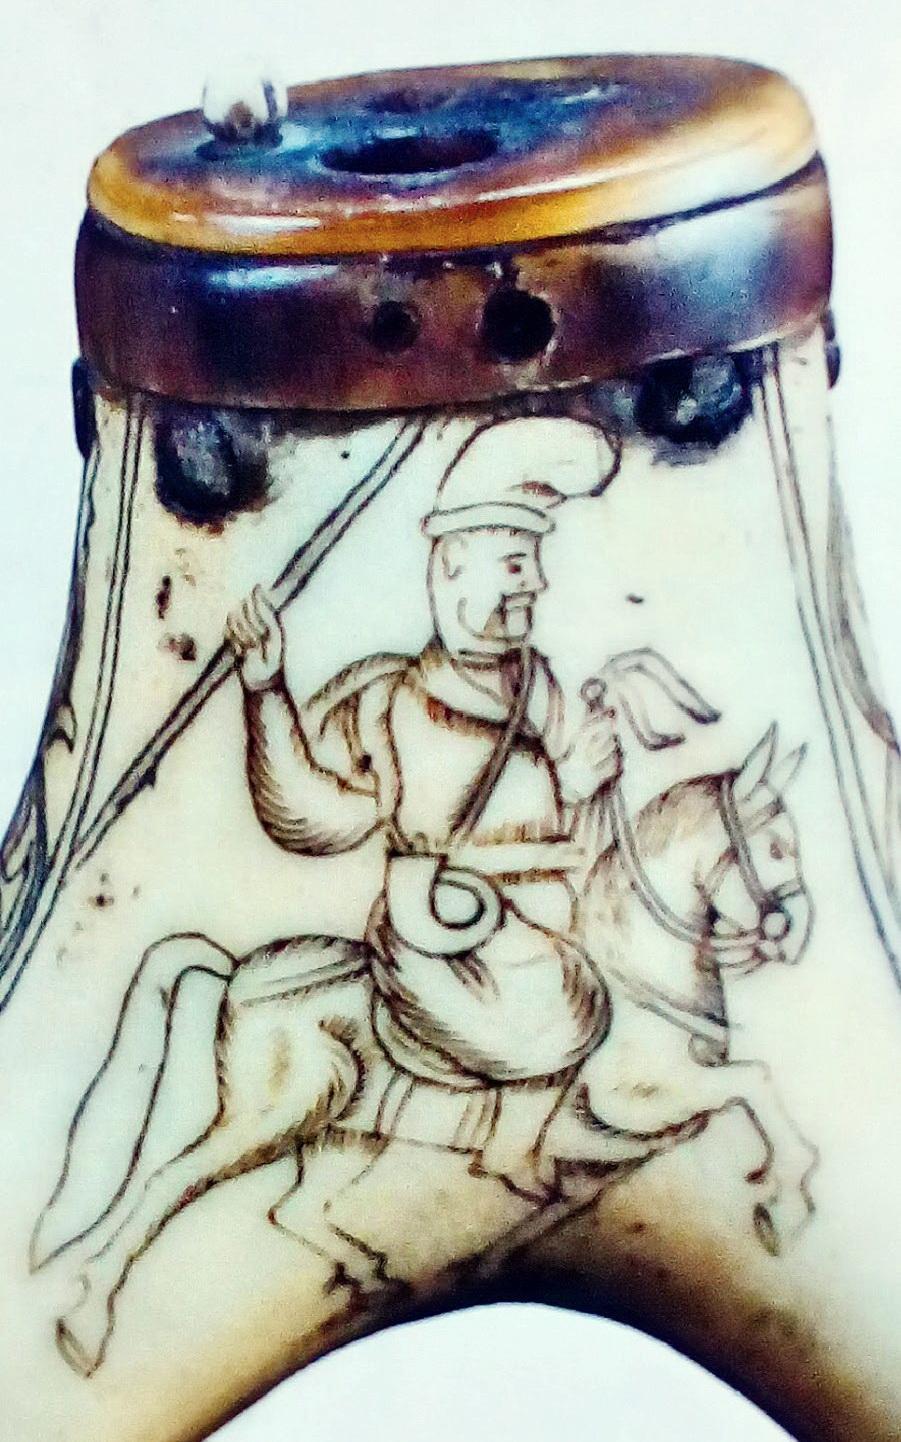 Aрагмент натруски, кін. XVІІ – поч. XVIII ст. Козак у кунтуші